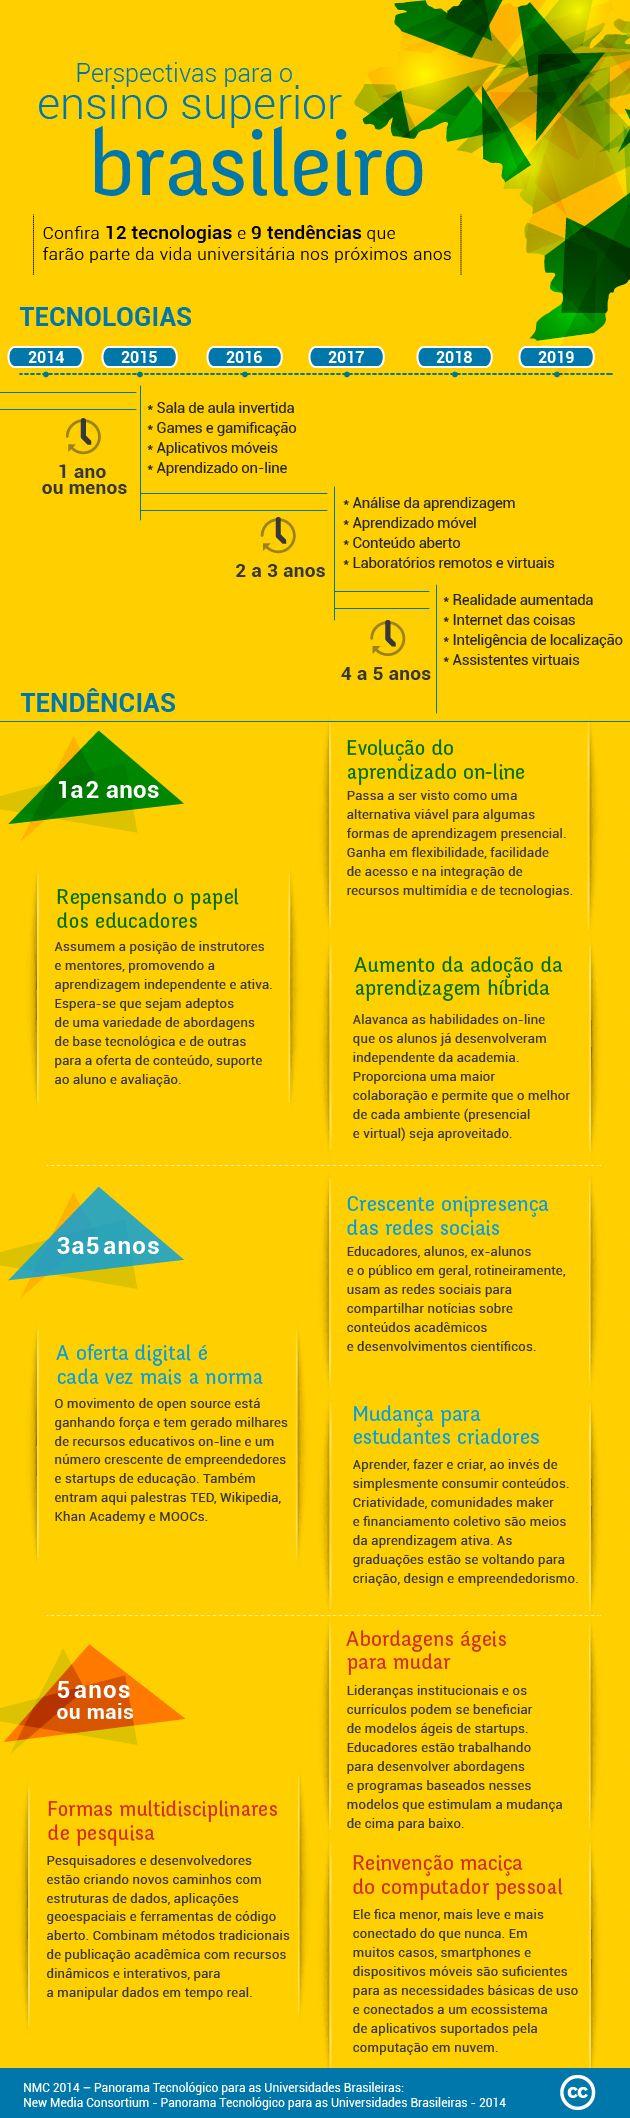 9 tecnologias e 9 tendências para universidades brasileiras nos próximos anos [infográfico]